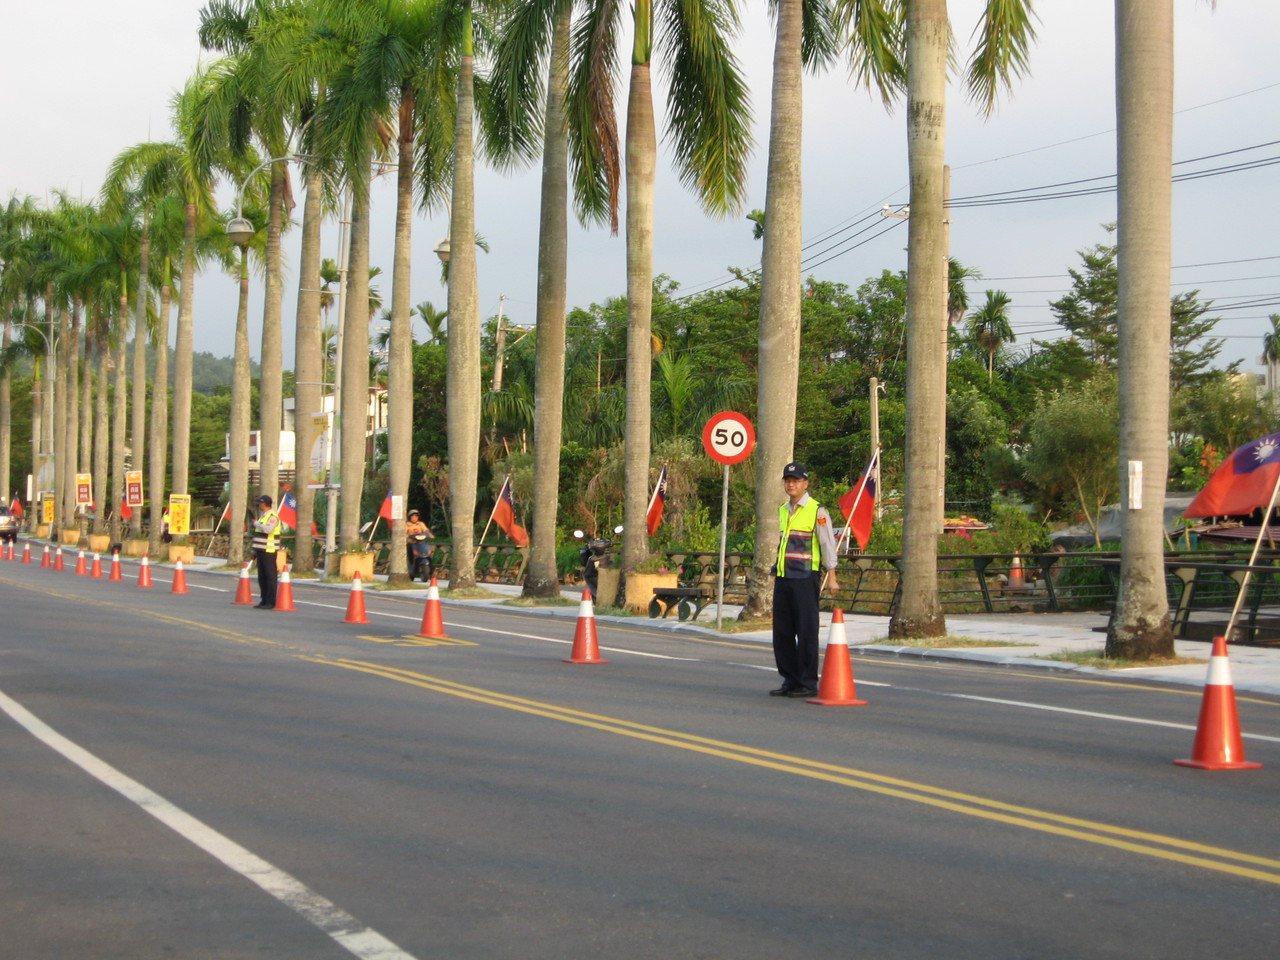 南投世界茶葉博覽會今天開幕,警方在路派員管制禁止停車外,並增加強沿線路口交通疏導...